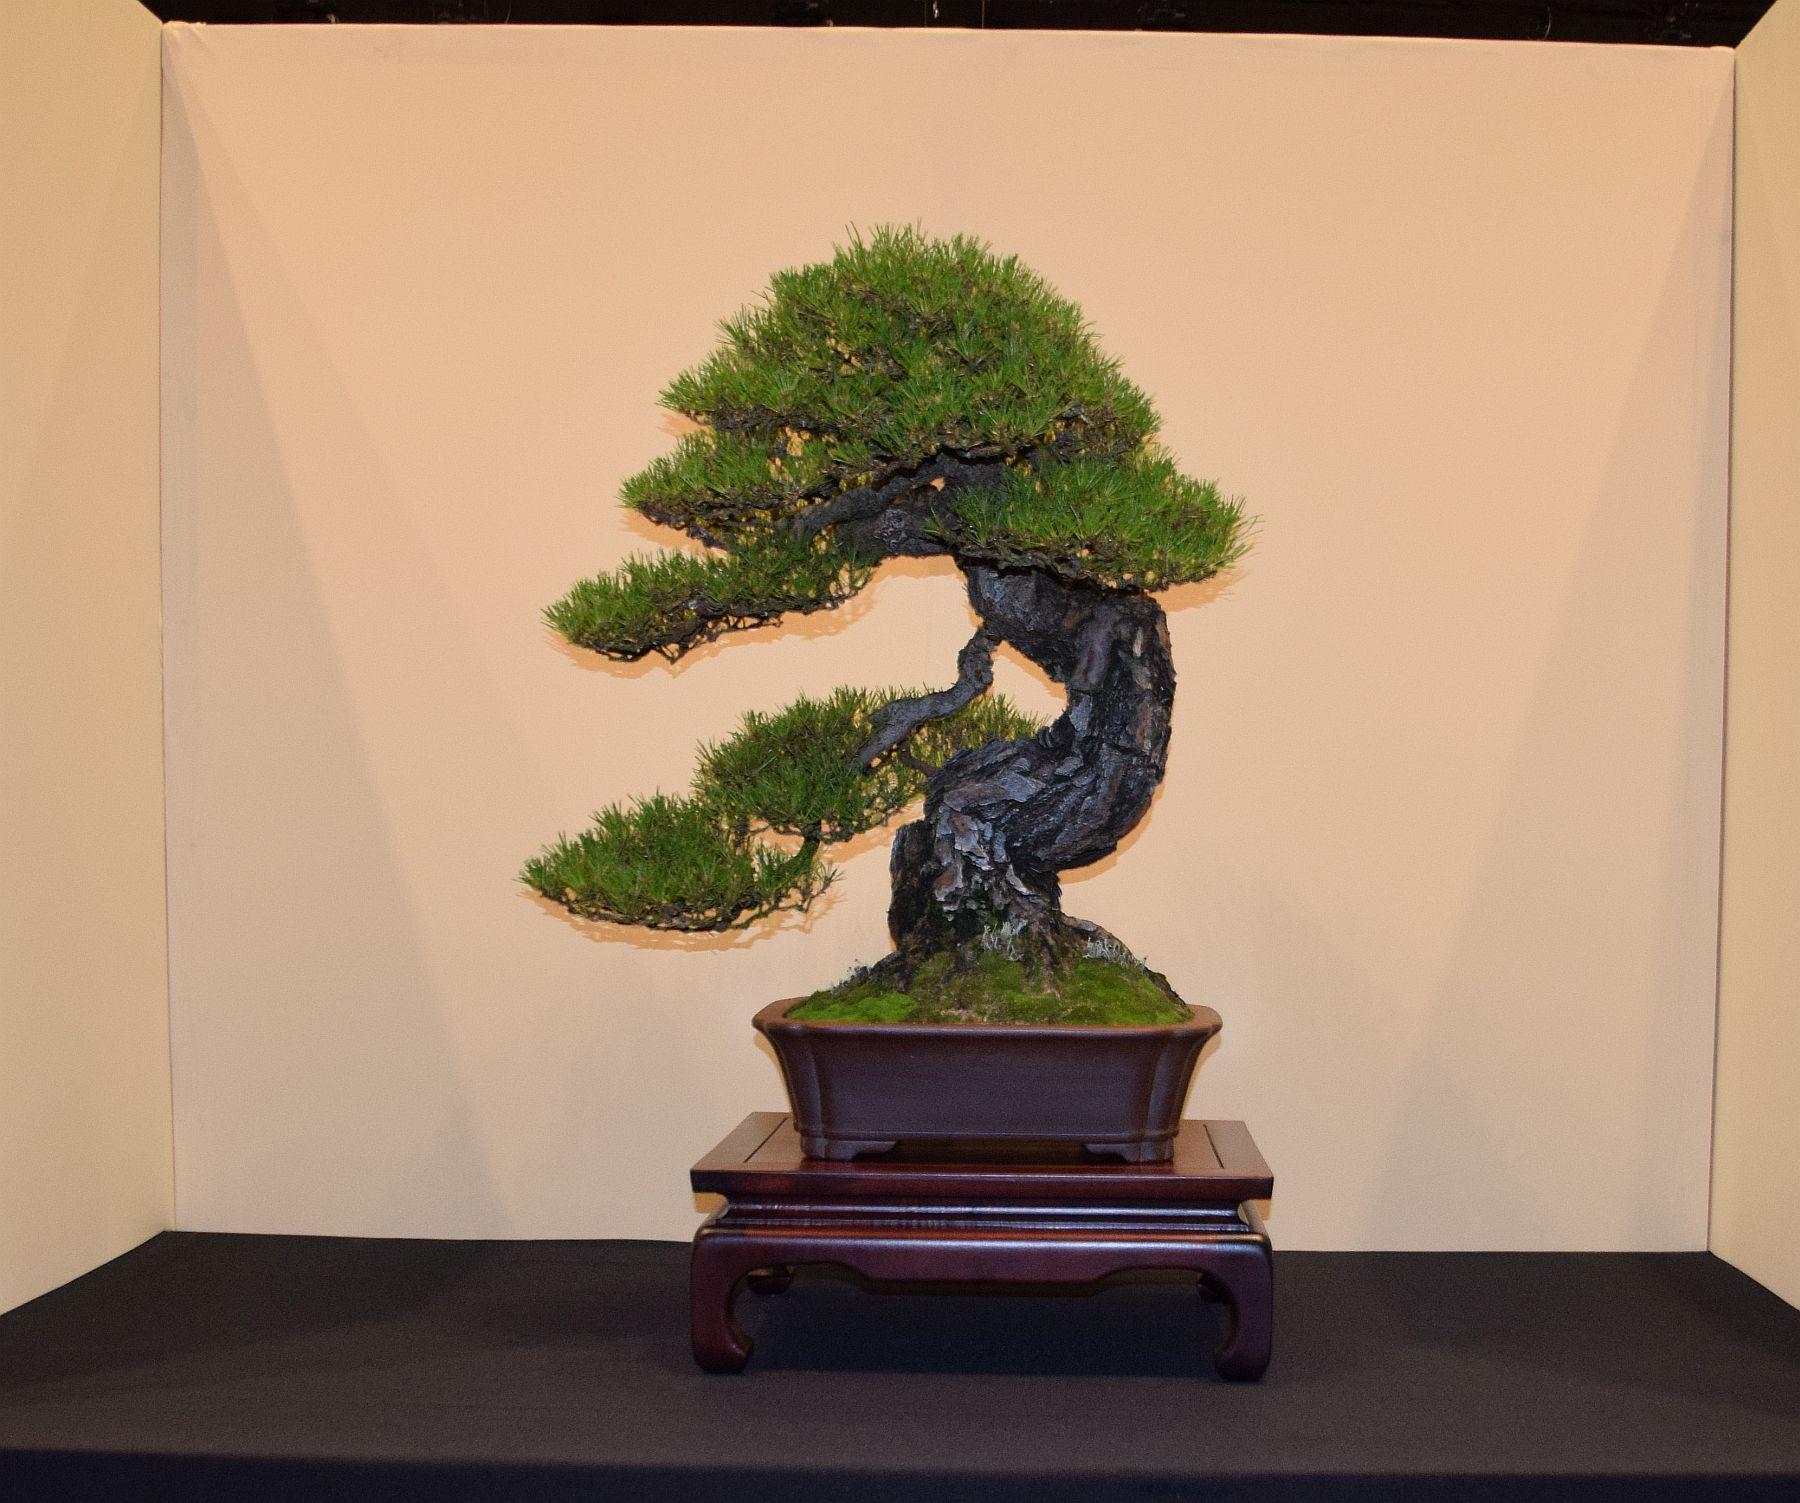 euk-bonsai-ten-2016-jp-polmans-collectie-015